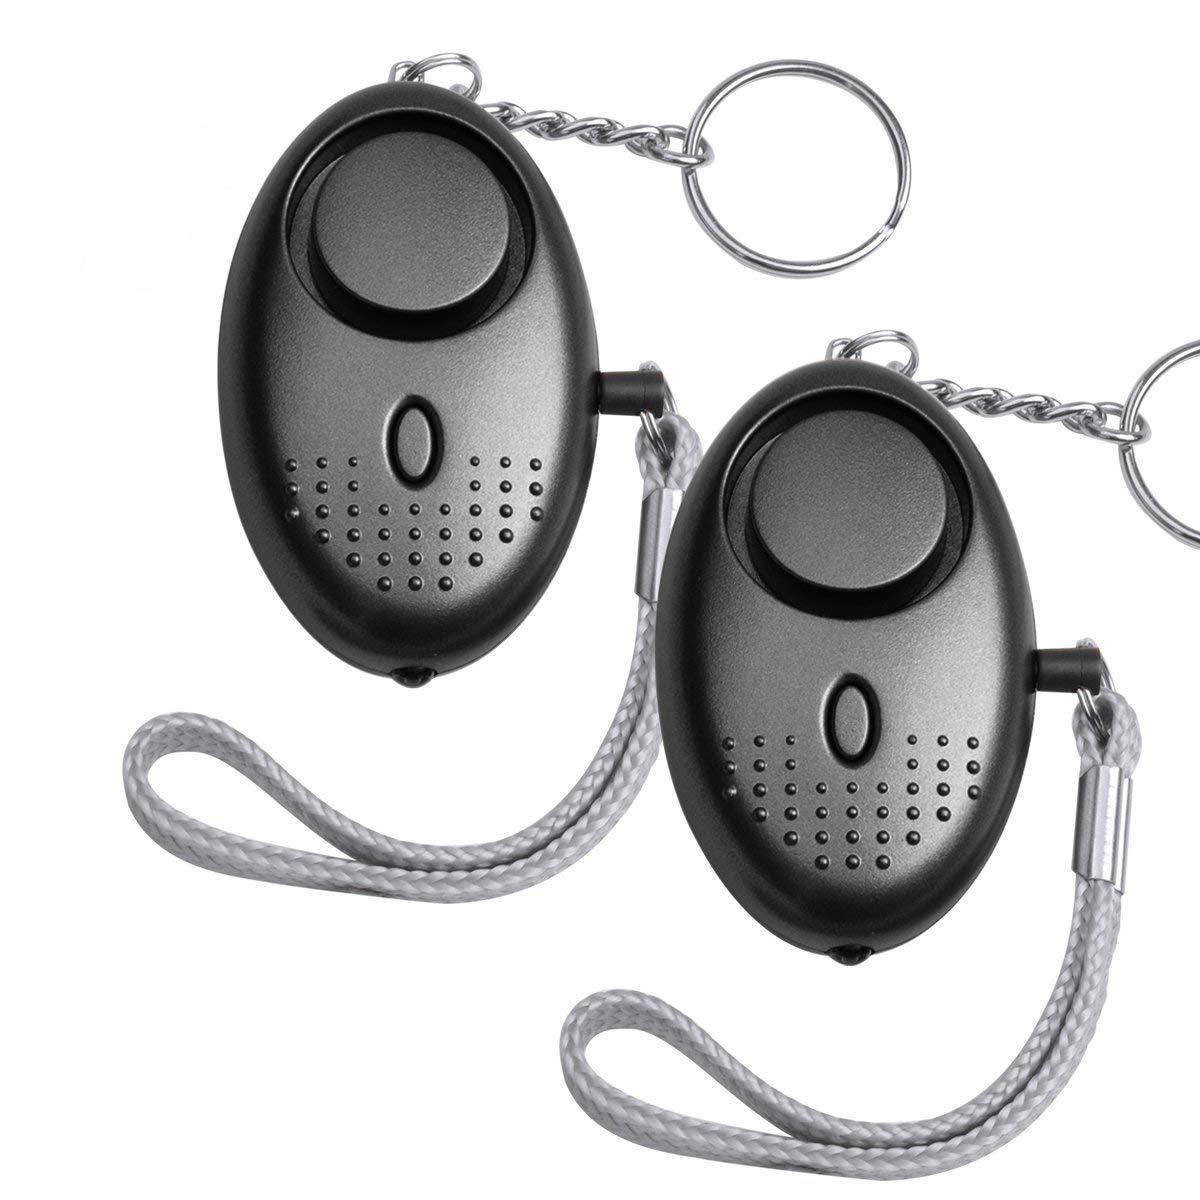 140 dB Mini Panikalarm Taschenalarm Schlüsselanhänger mit Taschenlampe für Frauen Kinder und Senior Miyare